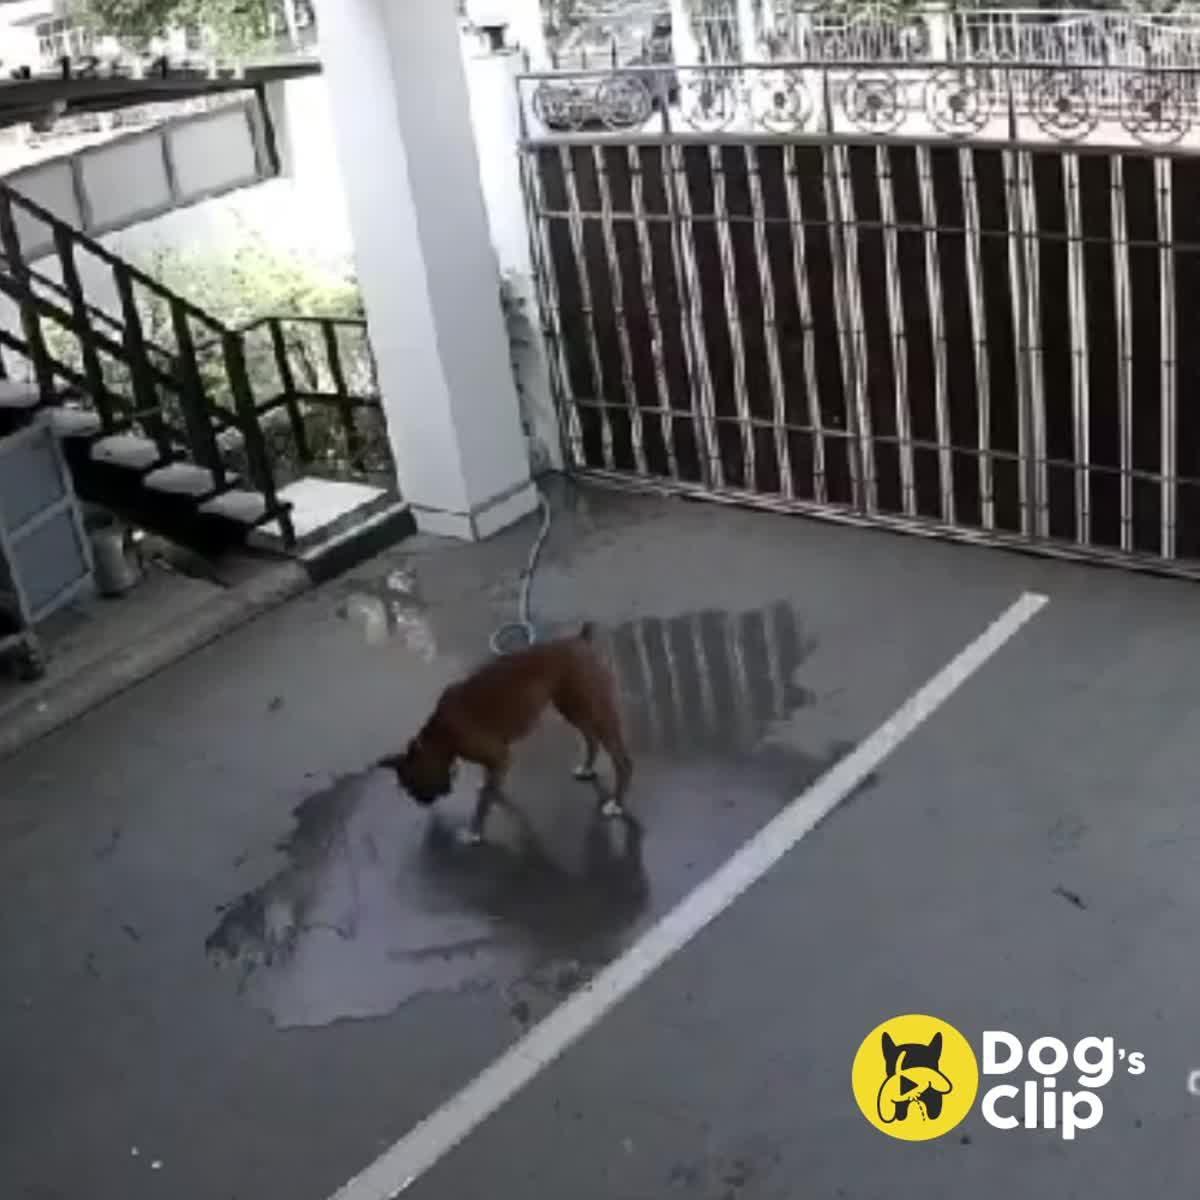 แก๊งน้องหมาอยากช่วยงานบ้านแต่ดันทำน้ำท่วม เพื่อนบ้านโทรตาม กลับบ้านด่วน